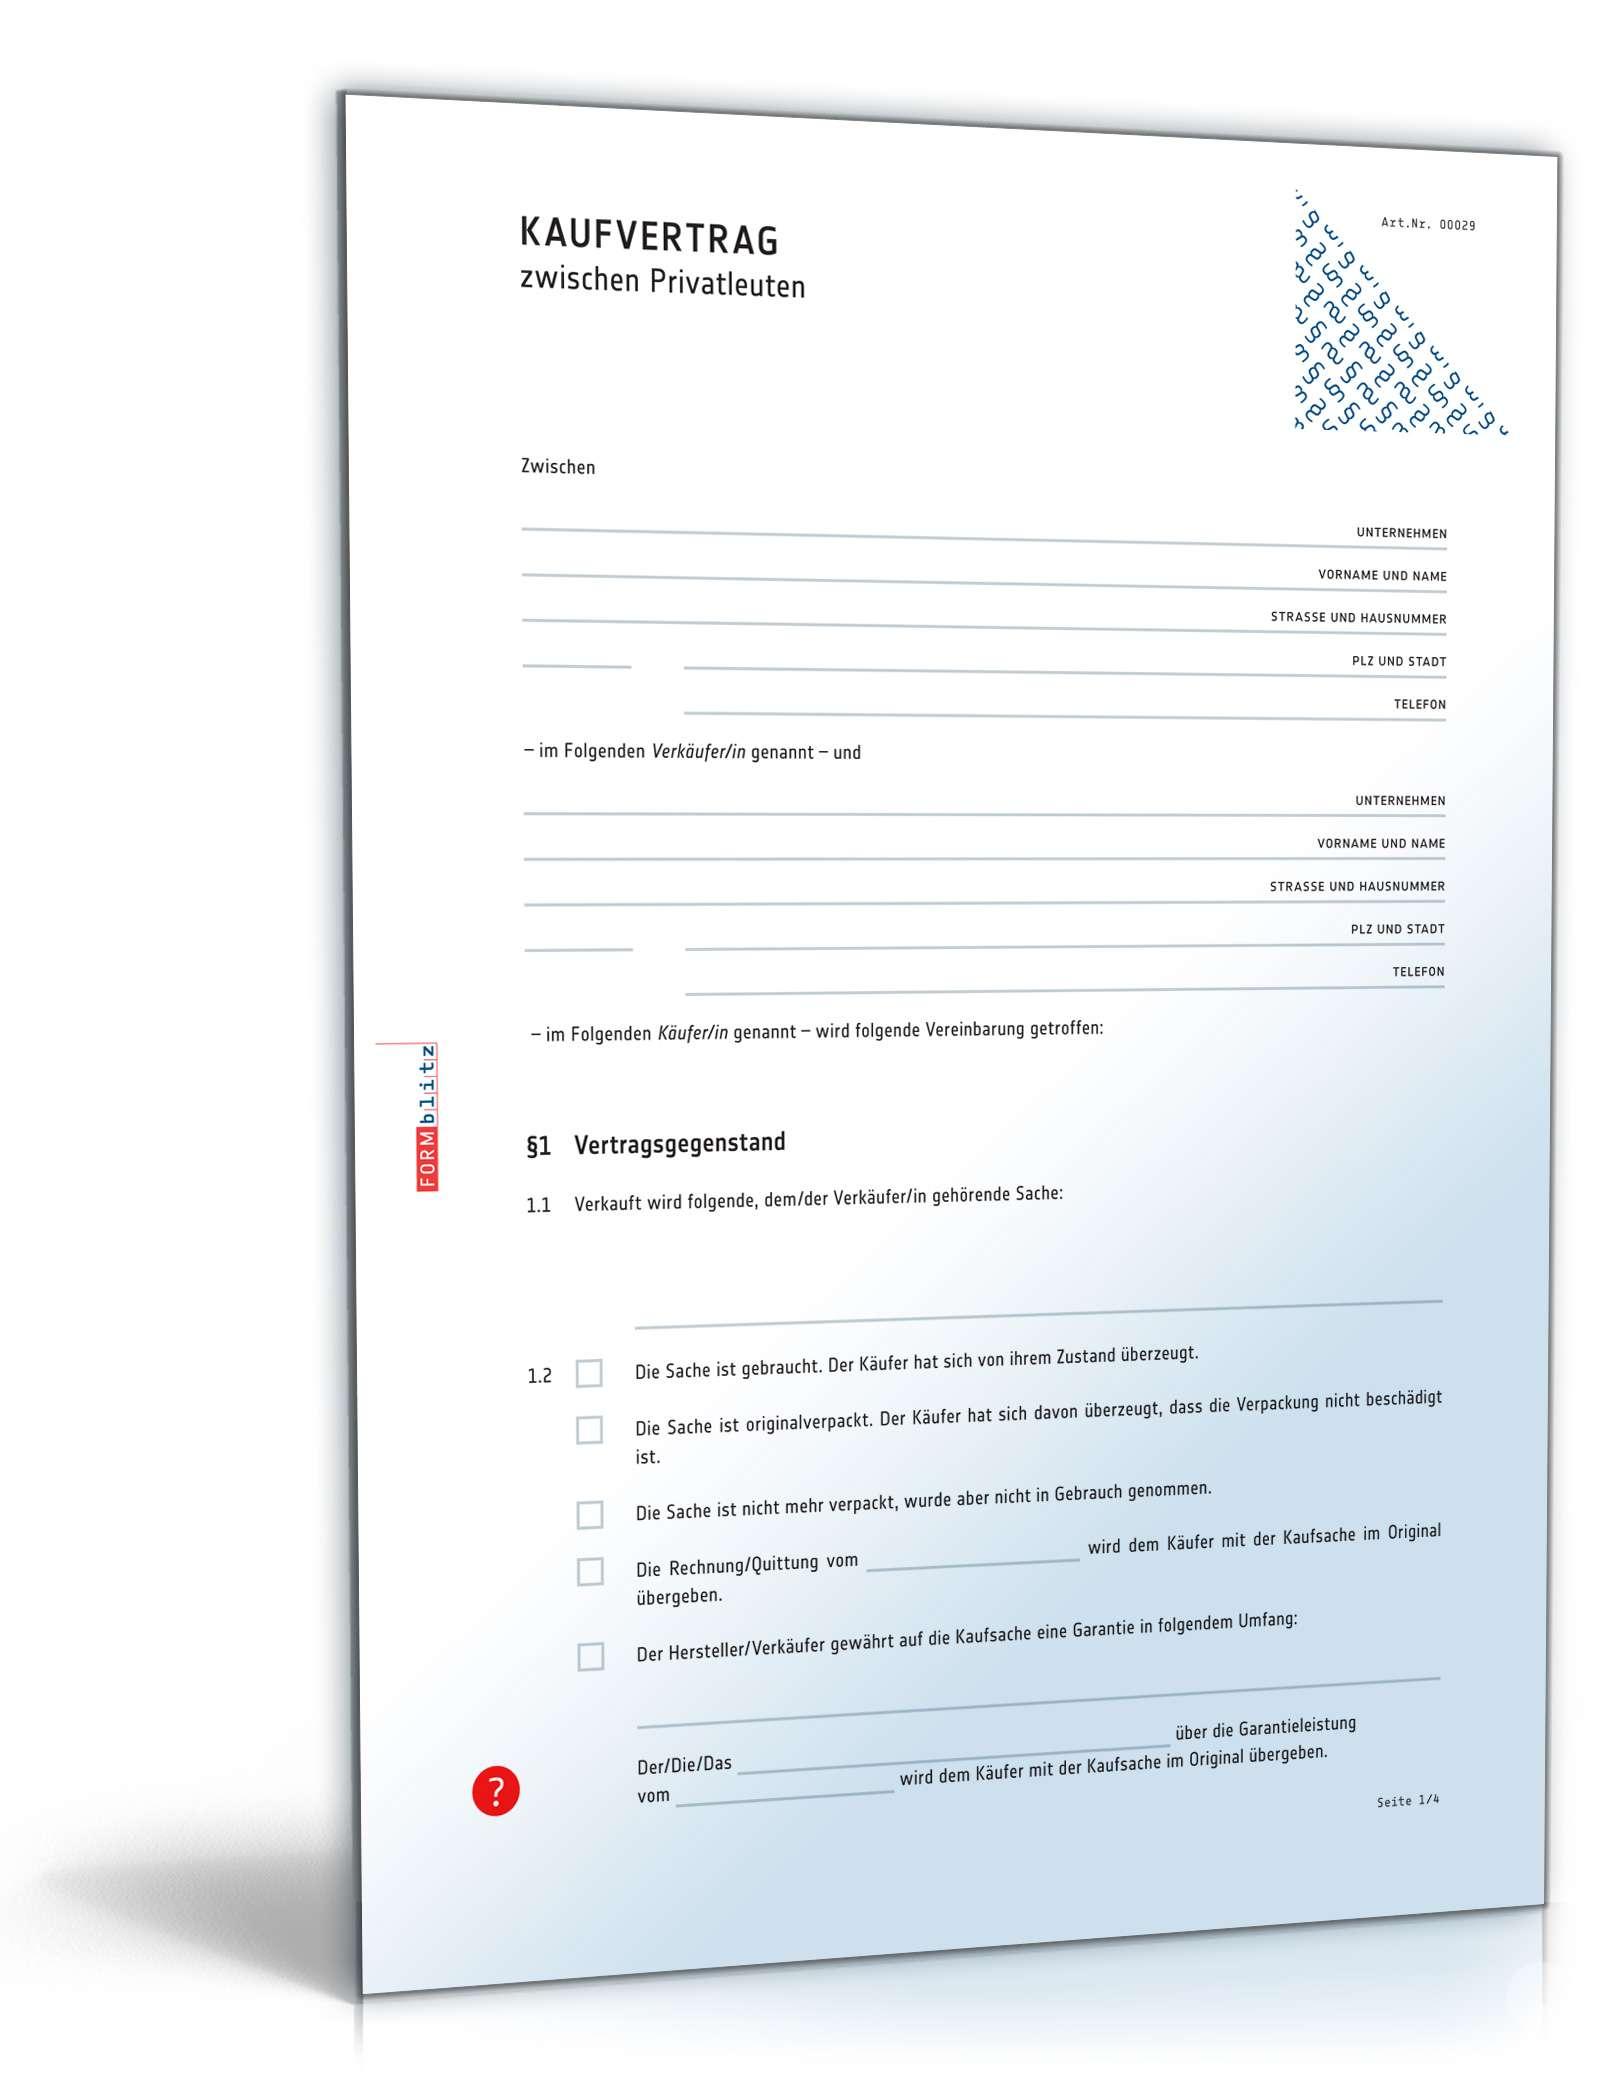 Kaufvertrag küche pdf  kostenlose vorlage: leihvertrag (privatperson) word | convictorius ...